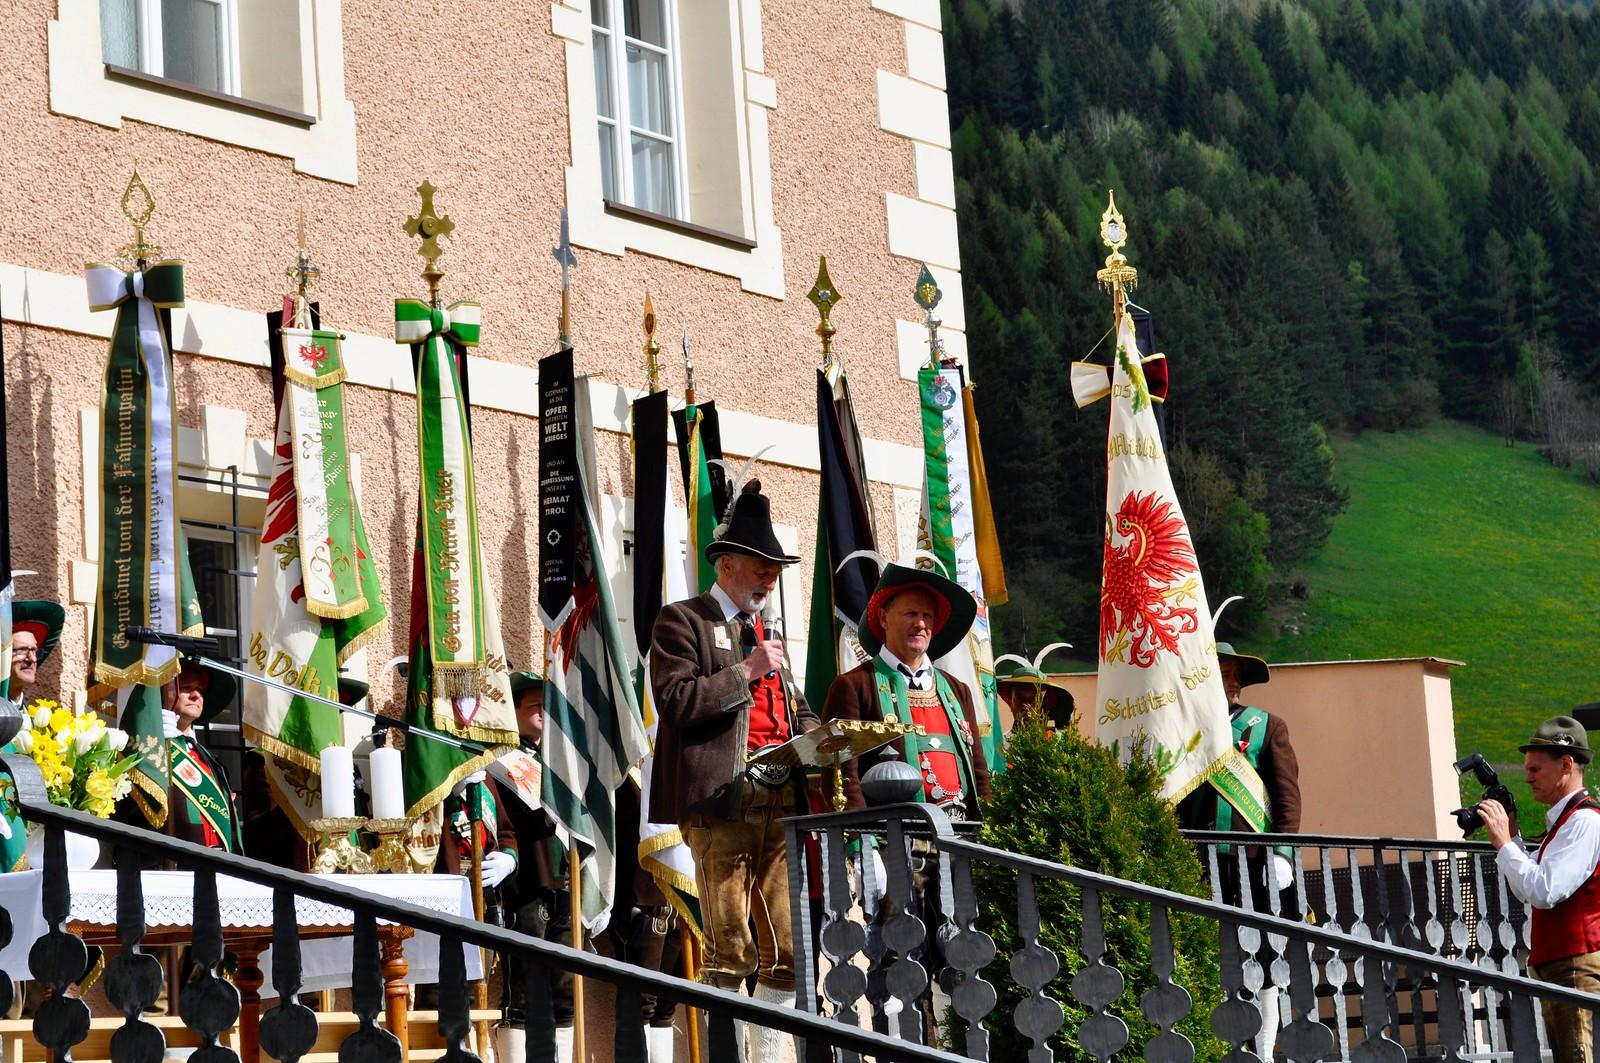 40-Jahrfeier der Schützenkompanie St. Johann in Ahrn, 29.04.2018